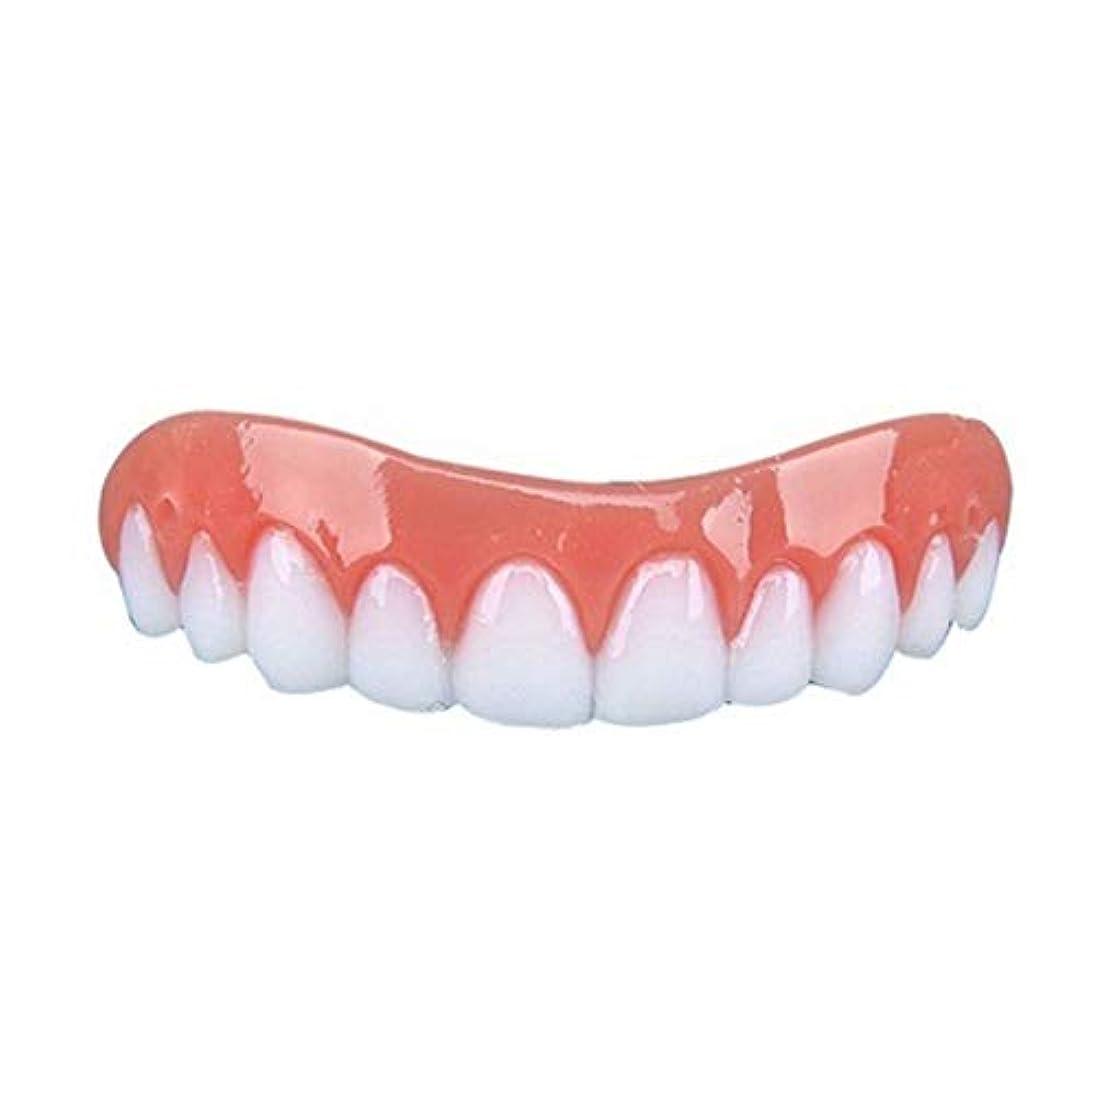 スナッチ個人的にヘッドレスBartram 歯カバー シリコン義歯ペースト 上歯 笑顔を保つ 歯保護 美容用 入れ歯 矯正義歯